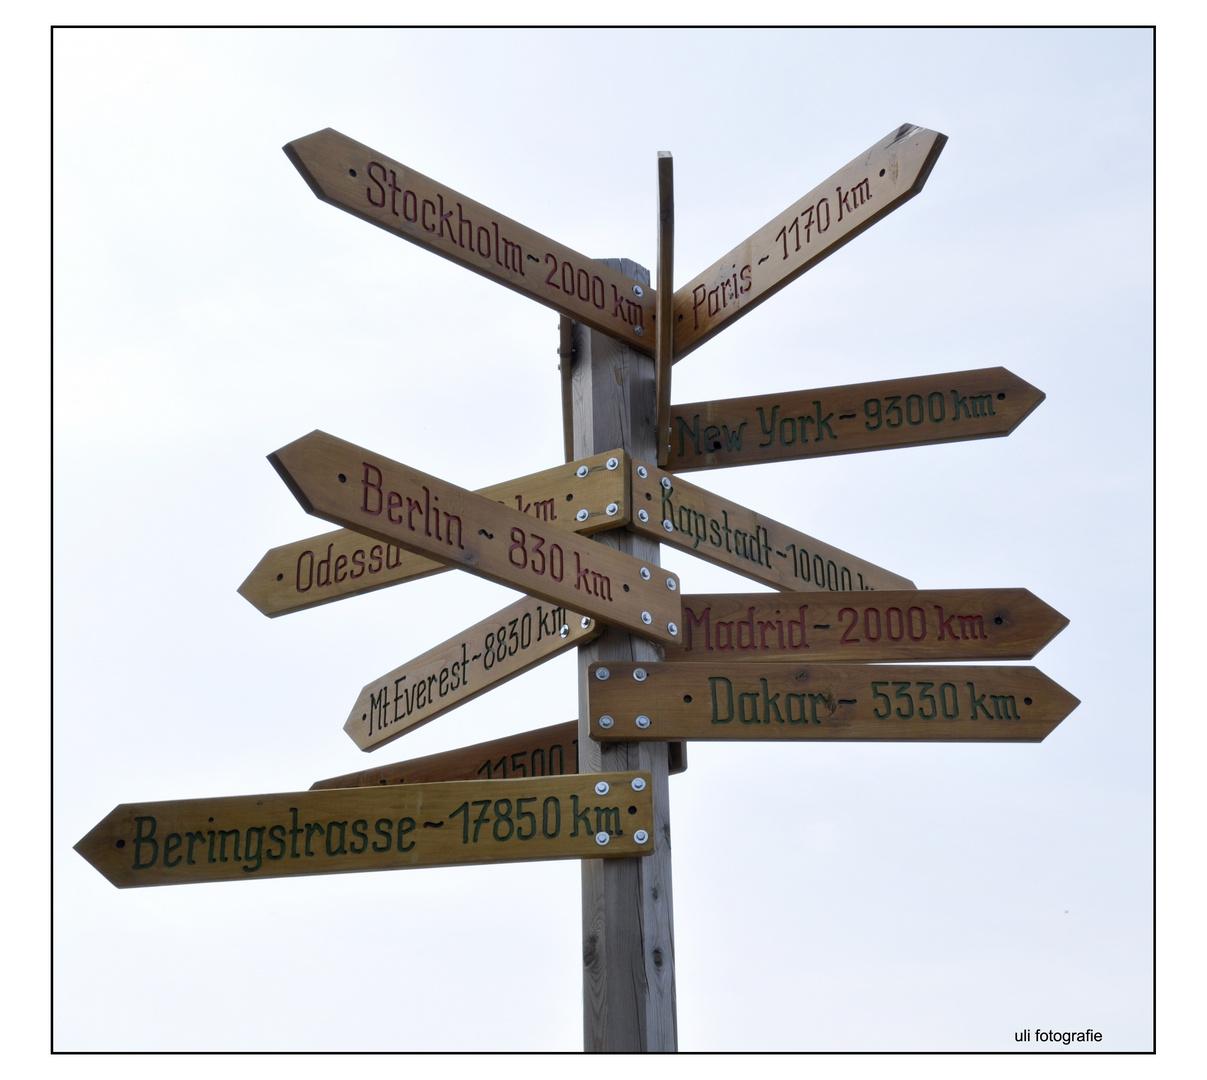 wohin soll ich kommen???